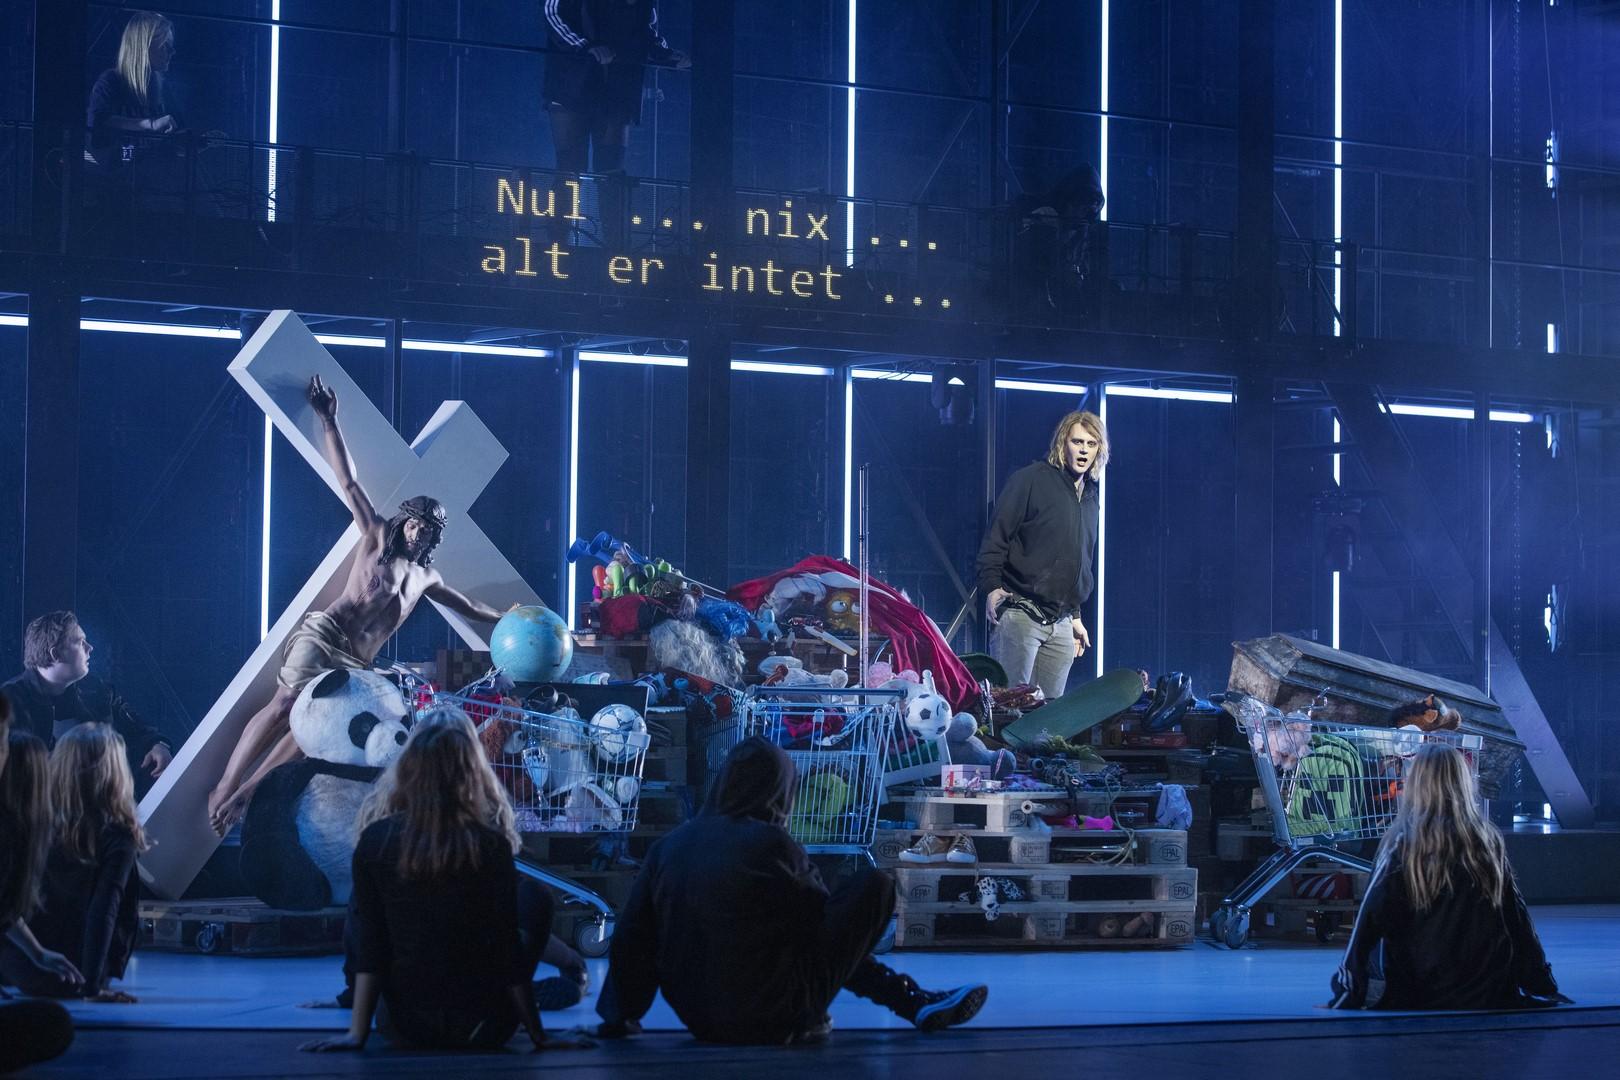 Anmeldelse: Intet, Det Kongelige Teater